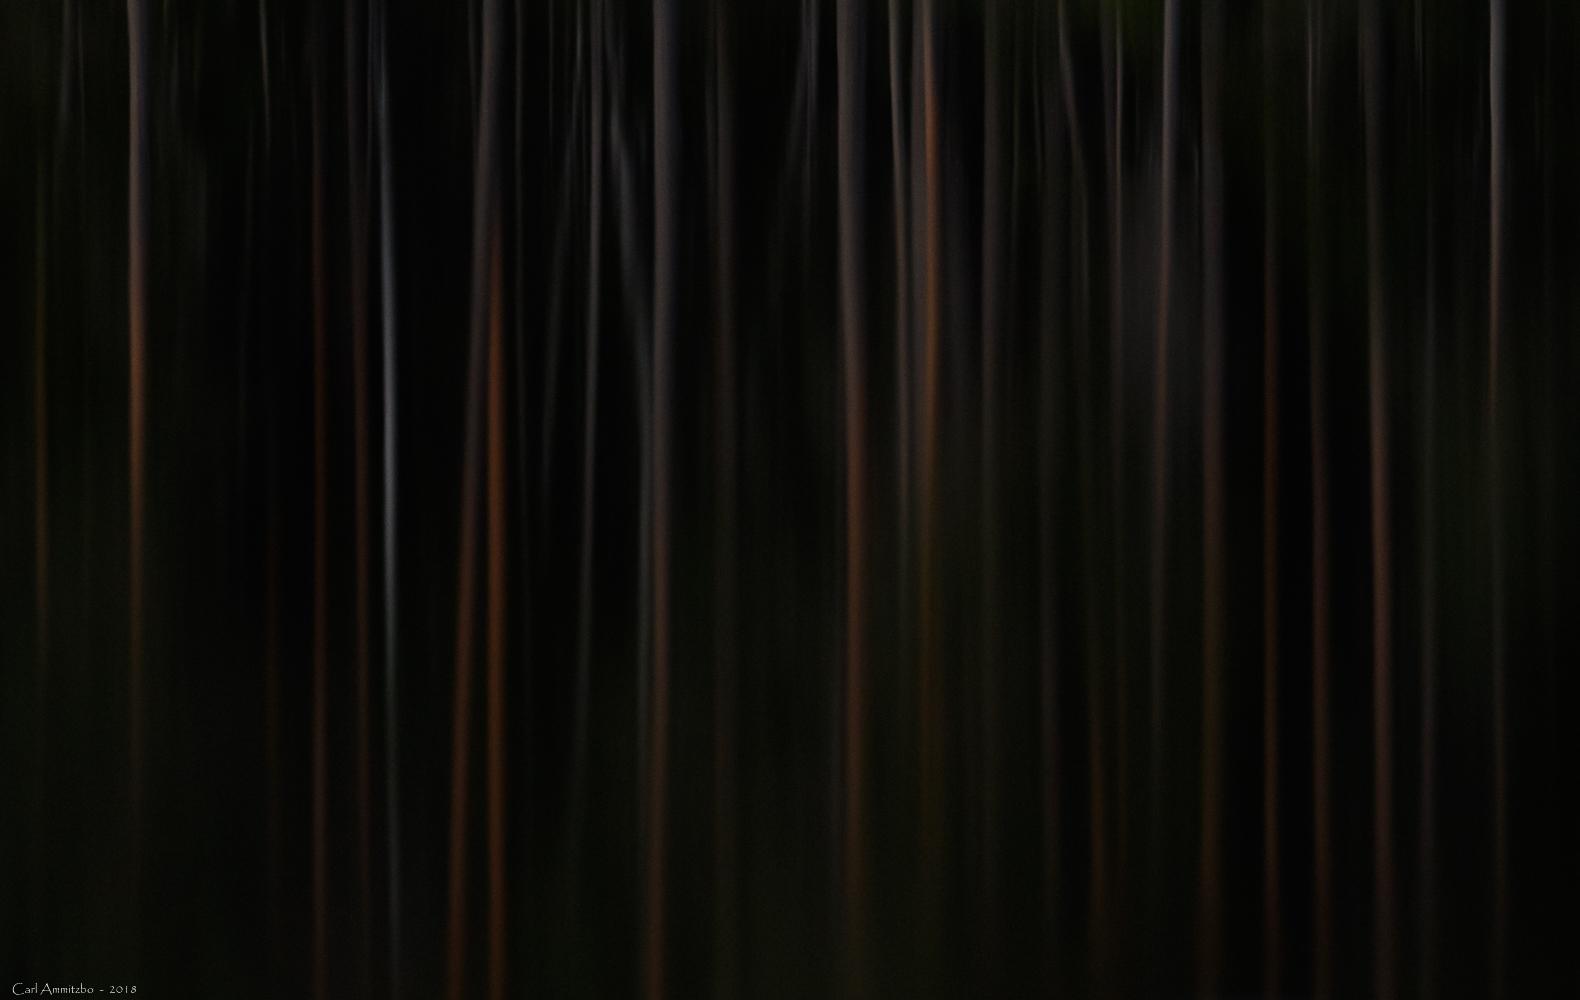 11 - 0802 - Træspejlinger i vand - 04a - Bergslagen